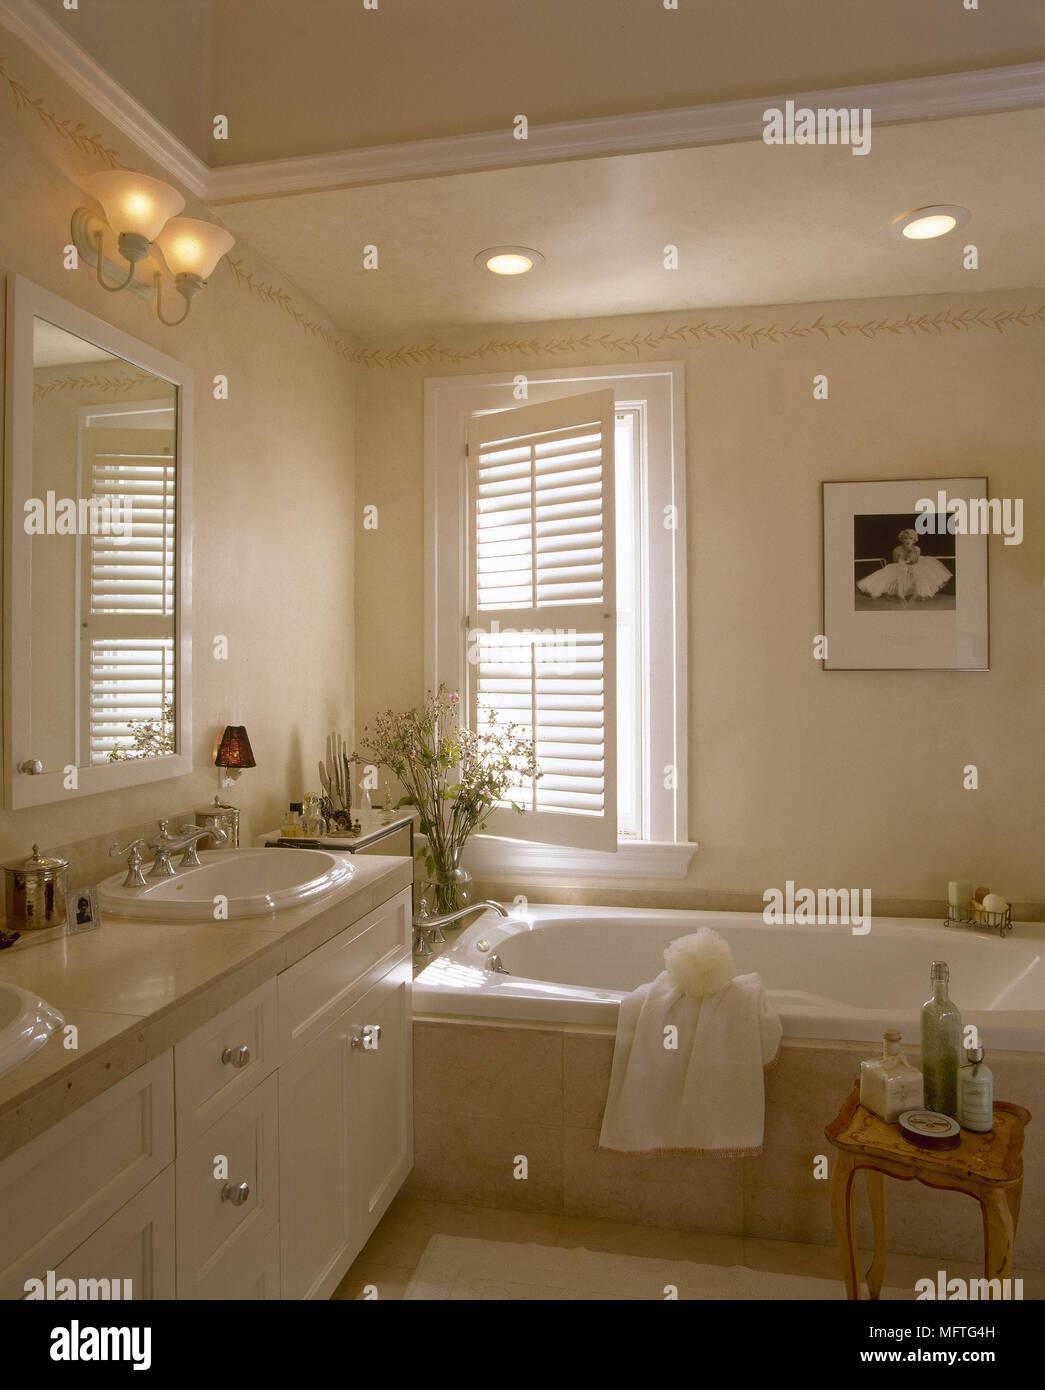 Bagno moderno bagno doppi lavabi impostato nella finestra for Bagni di design 2016